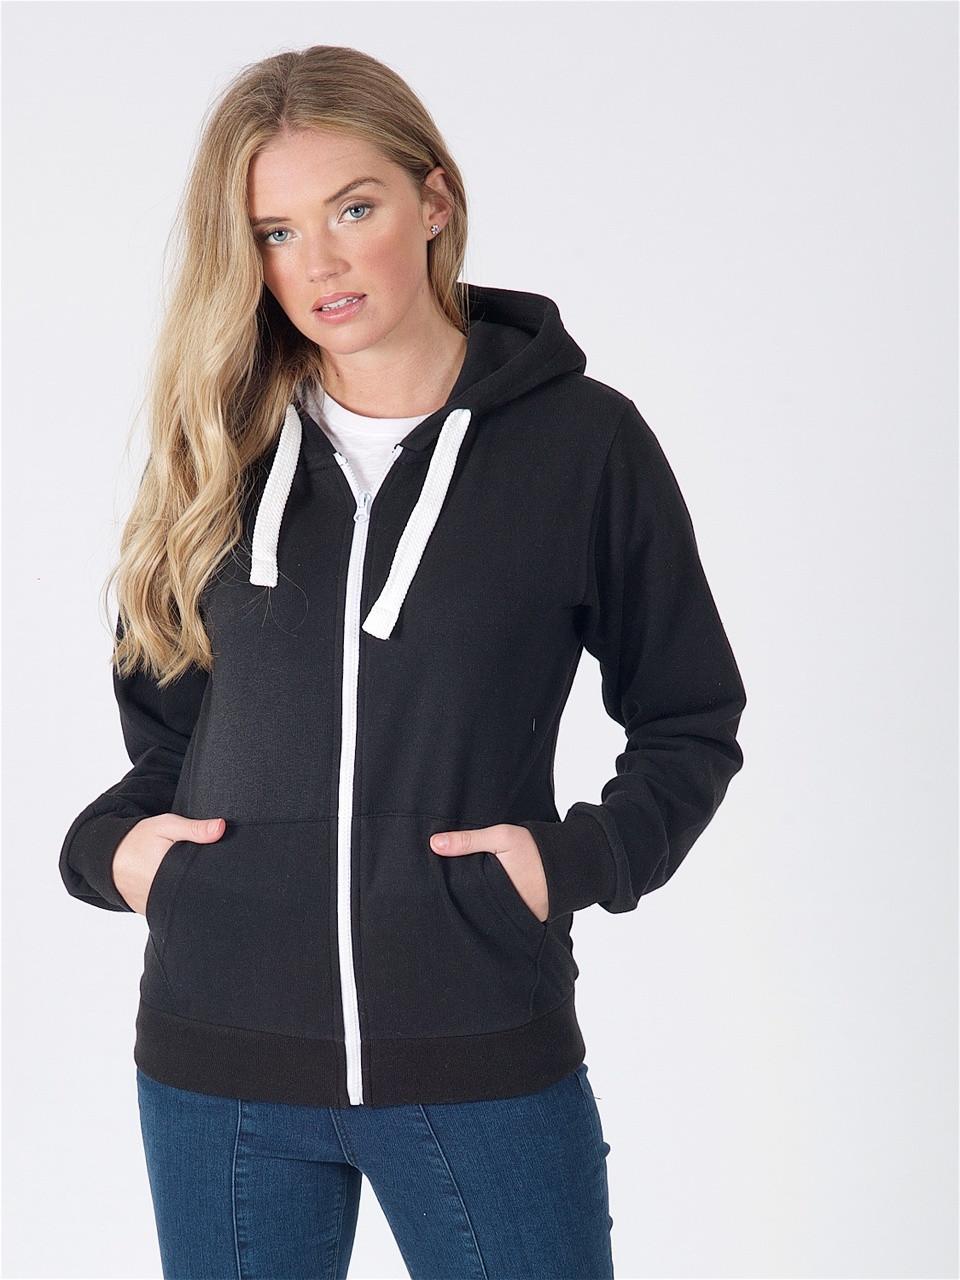 Jersey Zip Hoodie in Black